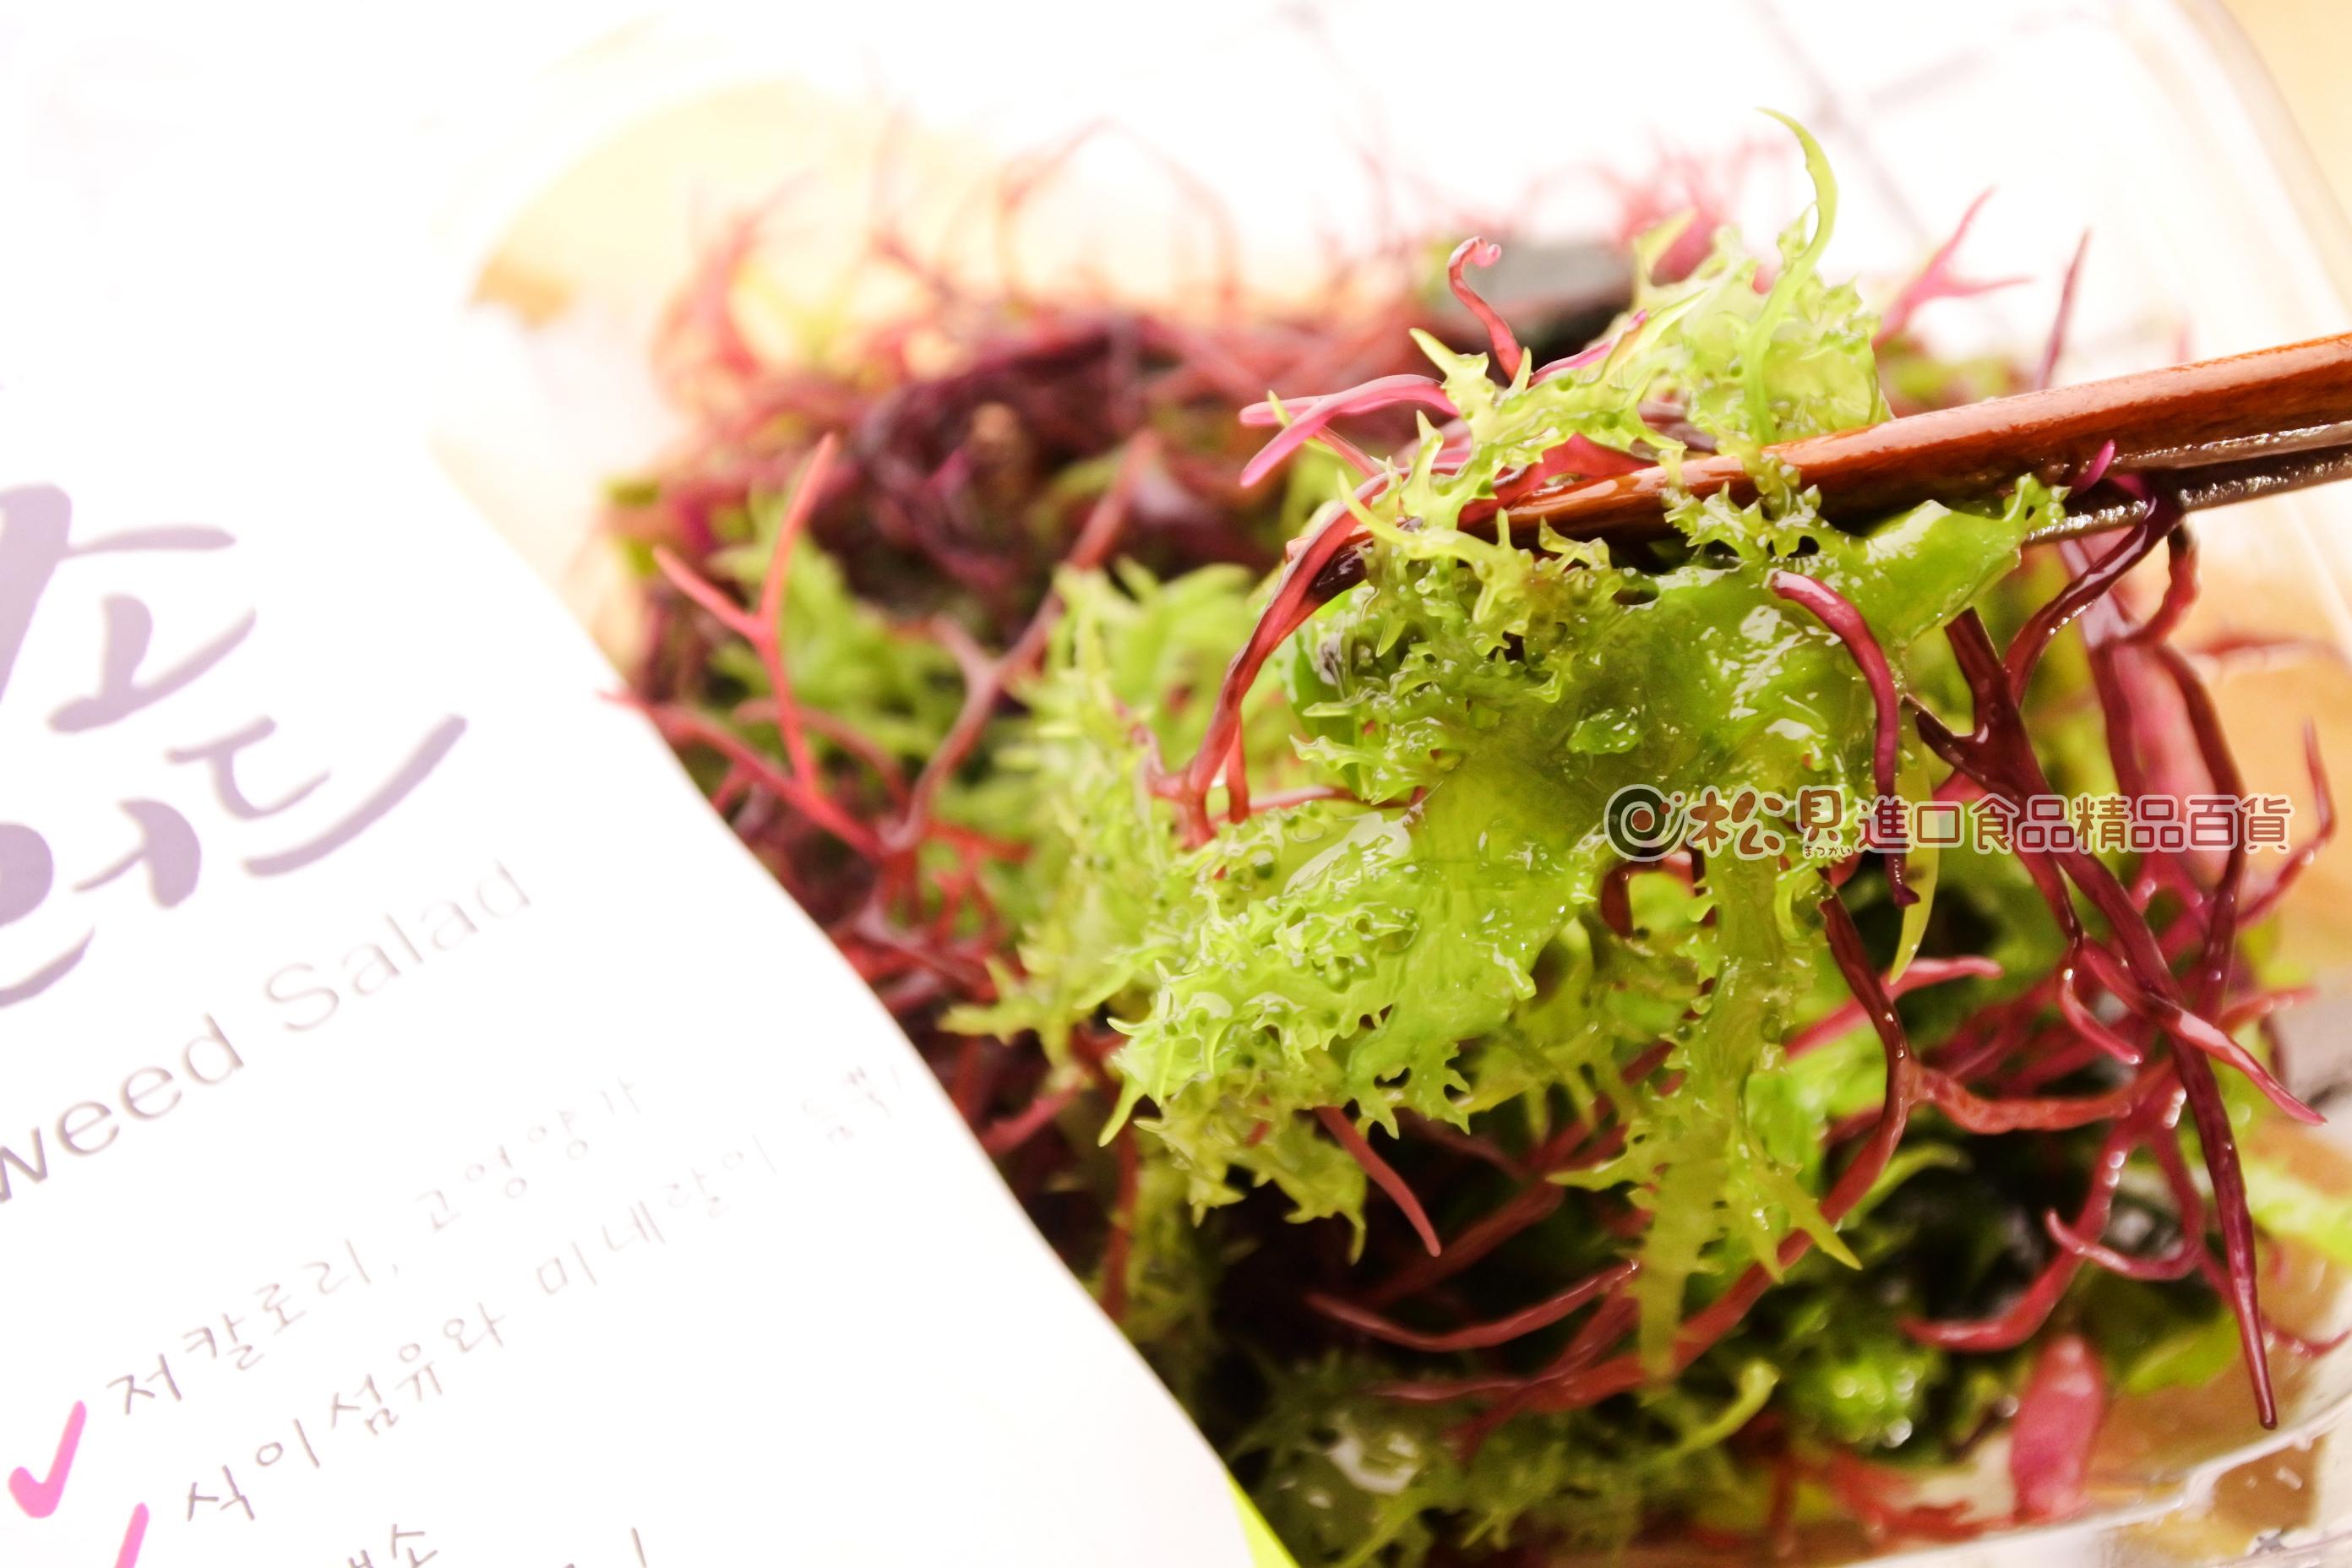 韓國海藻沙拉21g2.JPG